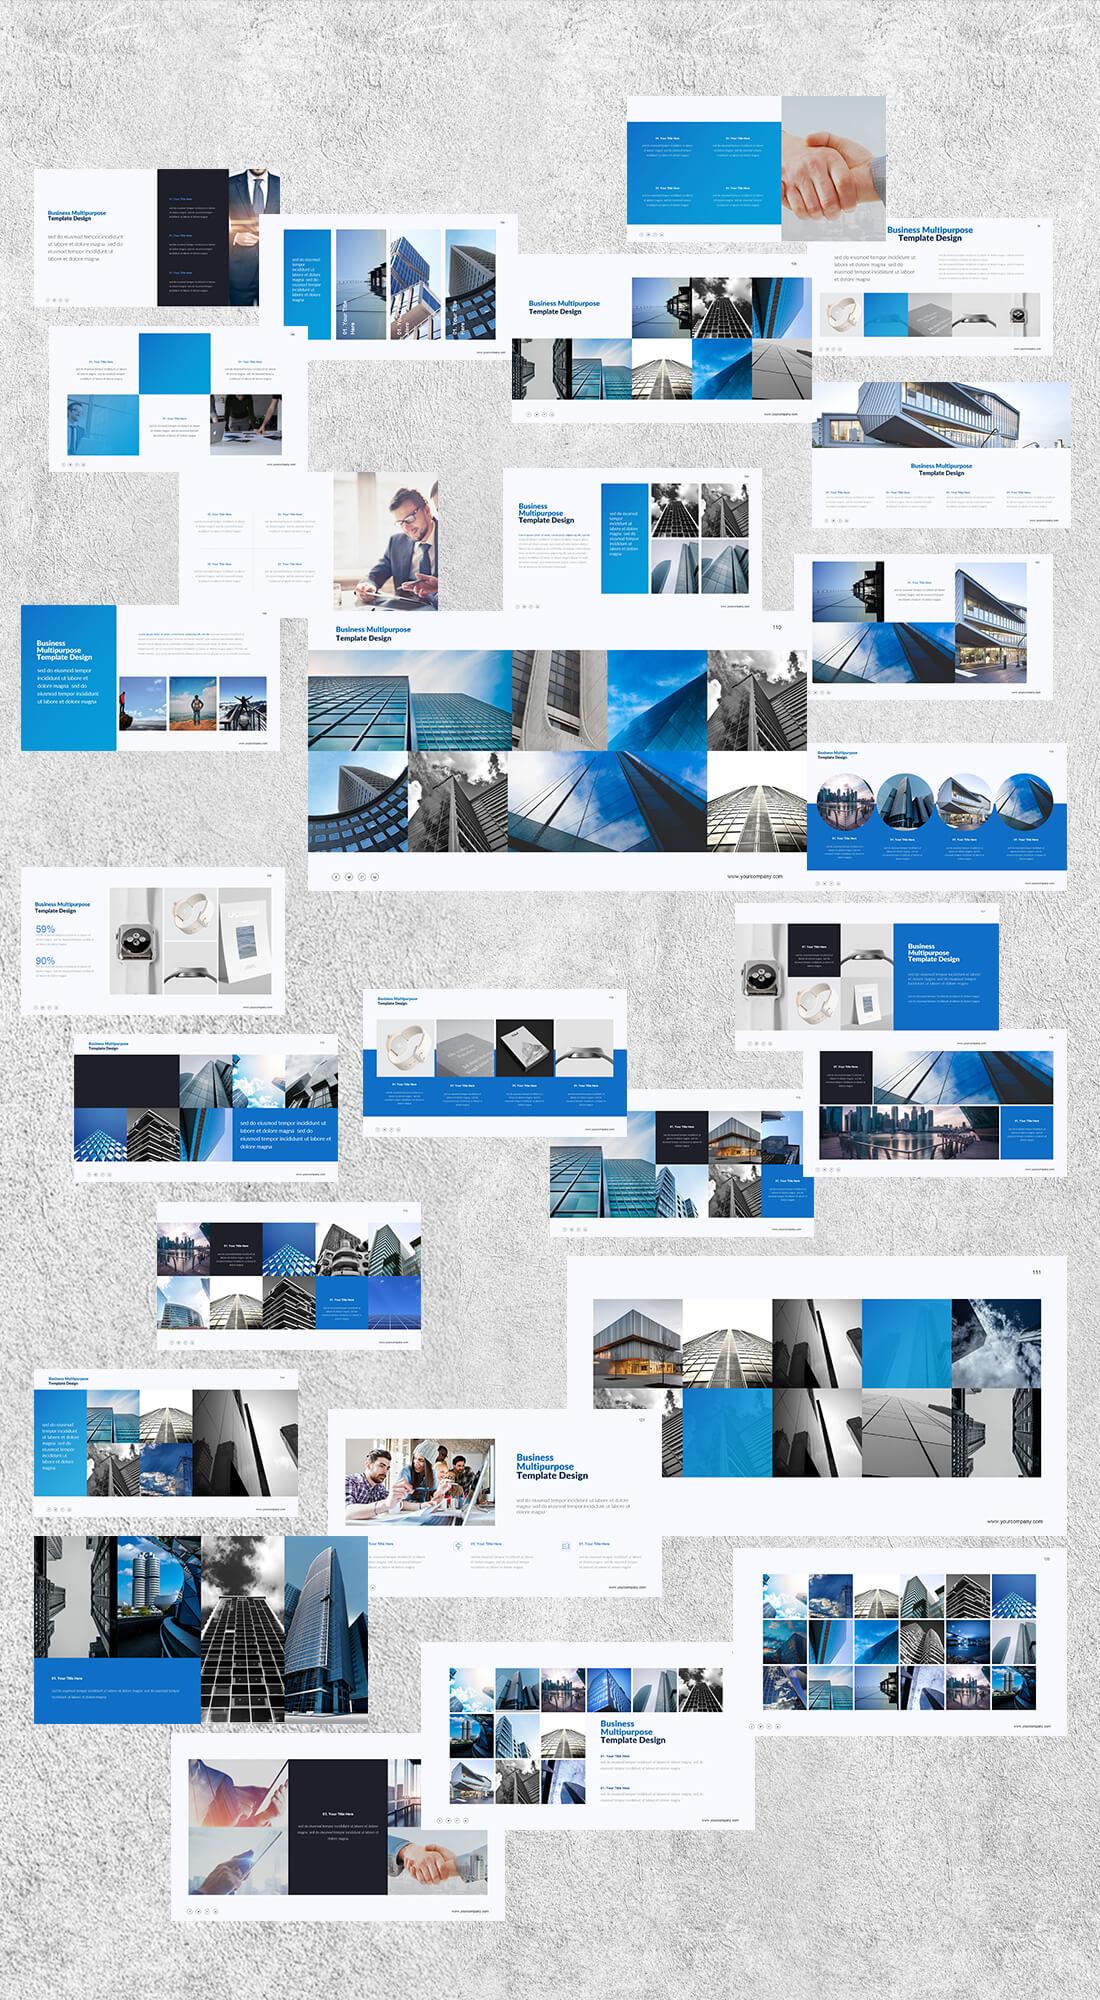 4500 Stunning Powerpoint Presentation Slides - only $9! - MightyDeals